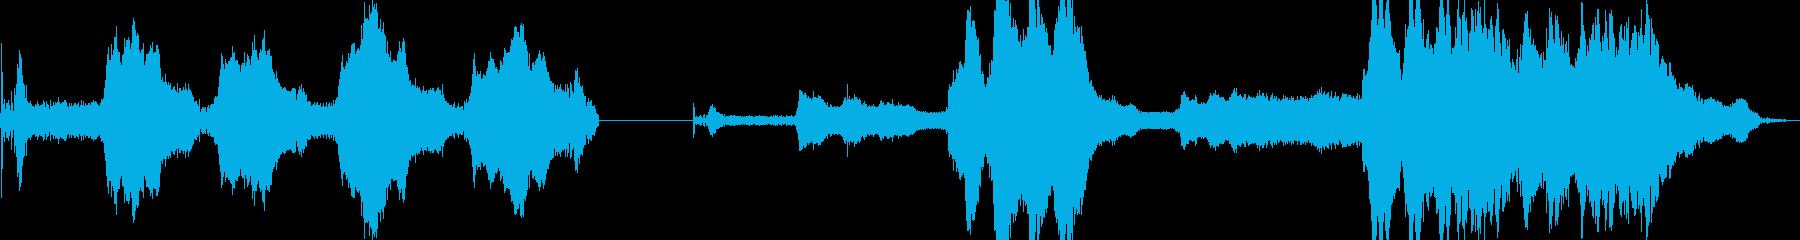 カー、スモール、ヨーロッパ、リバー...の再生済みの波形